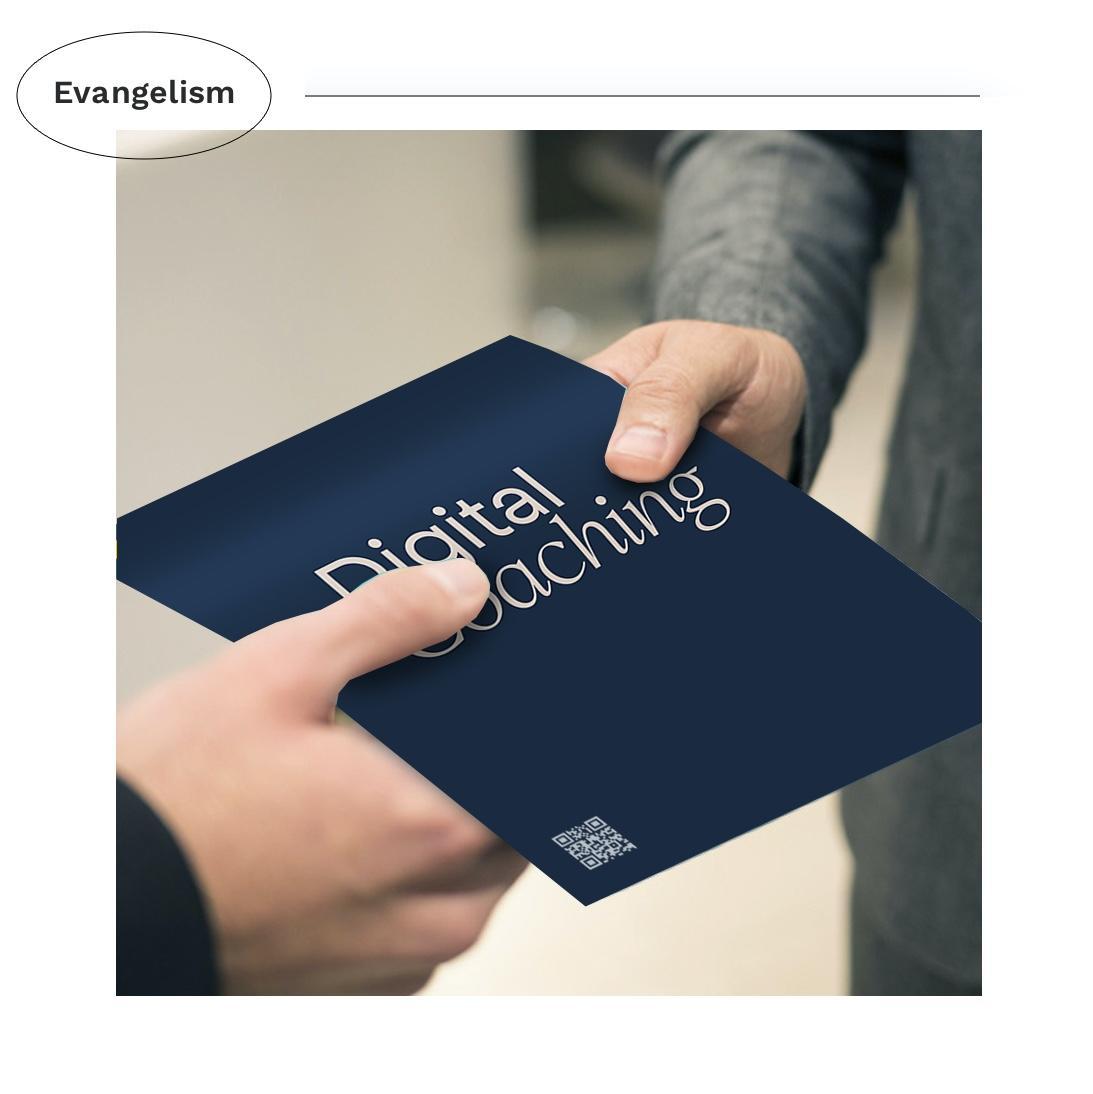 Digital Evangelism Strategy